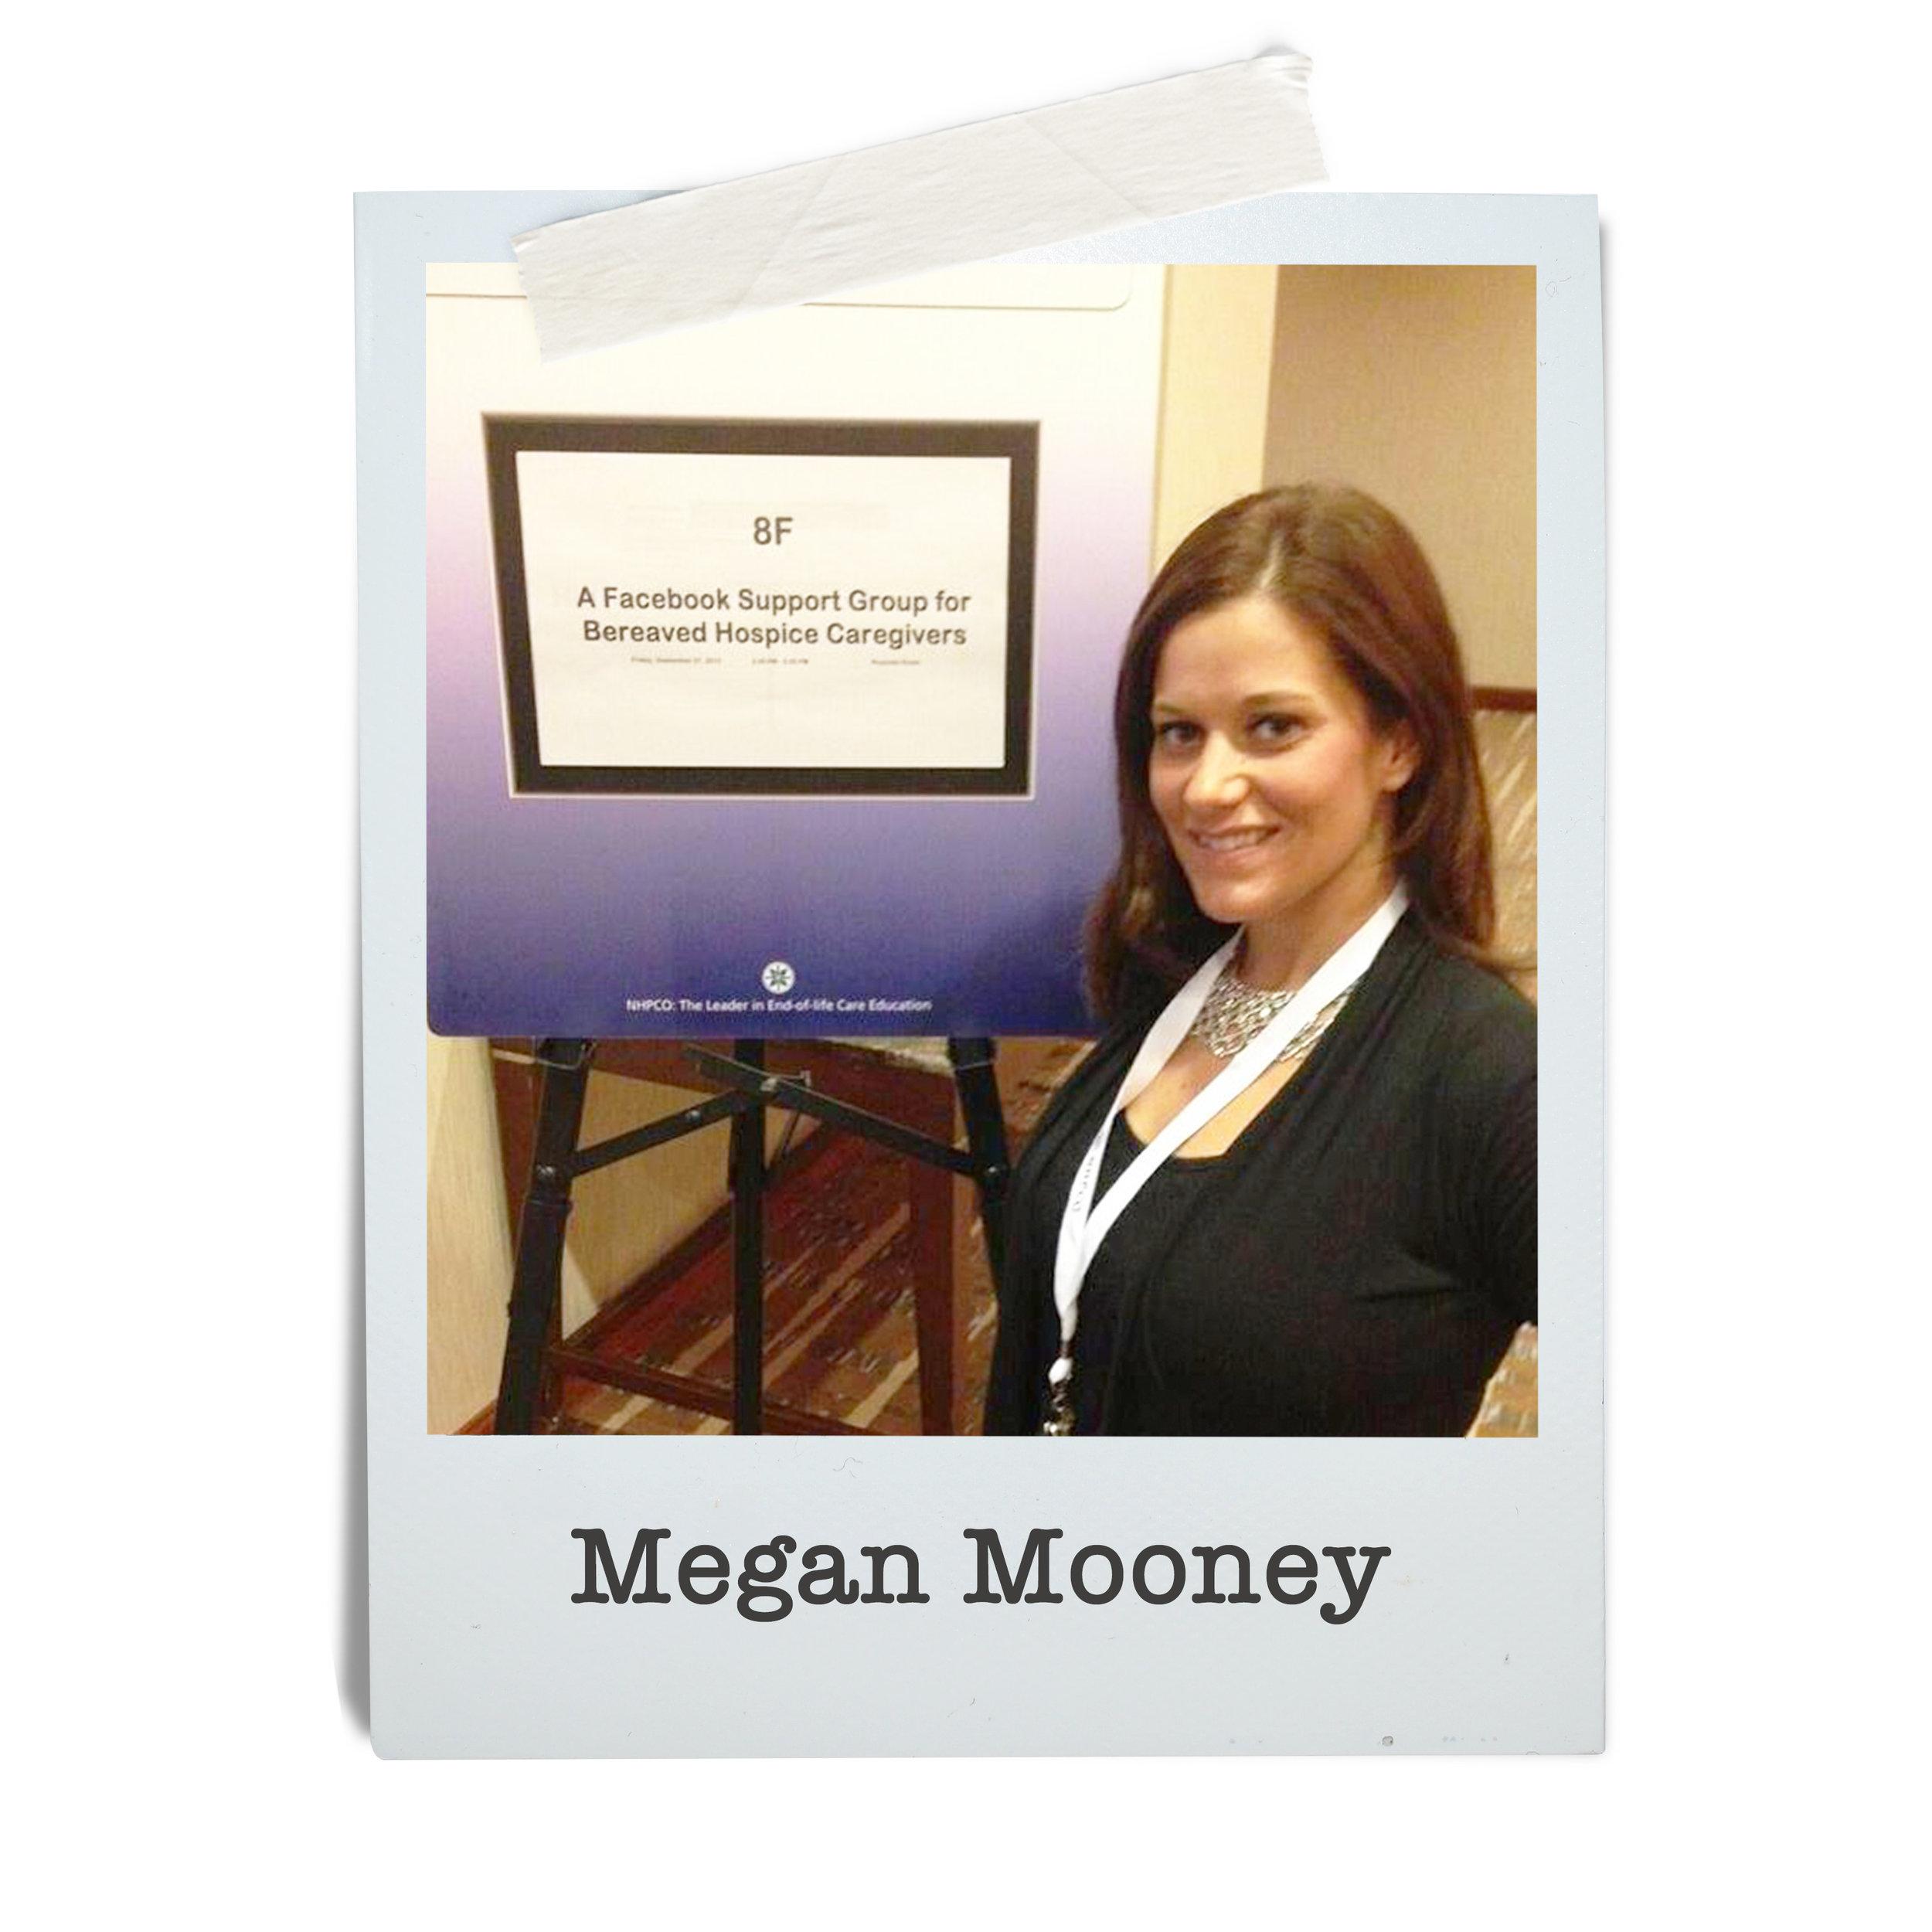 Megan Mooney